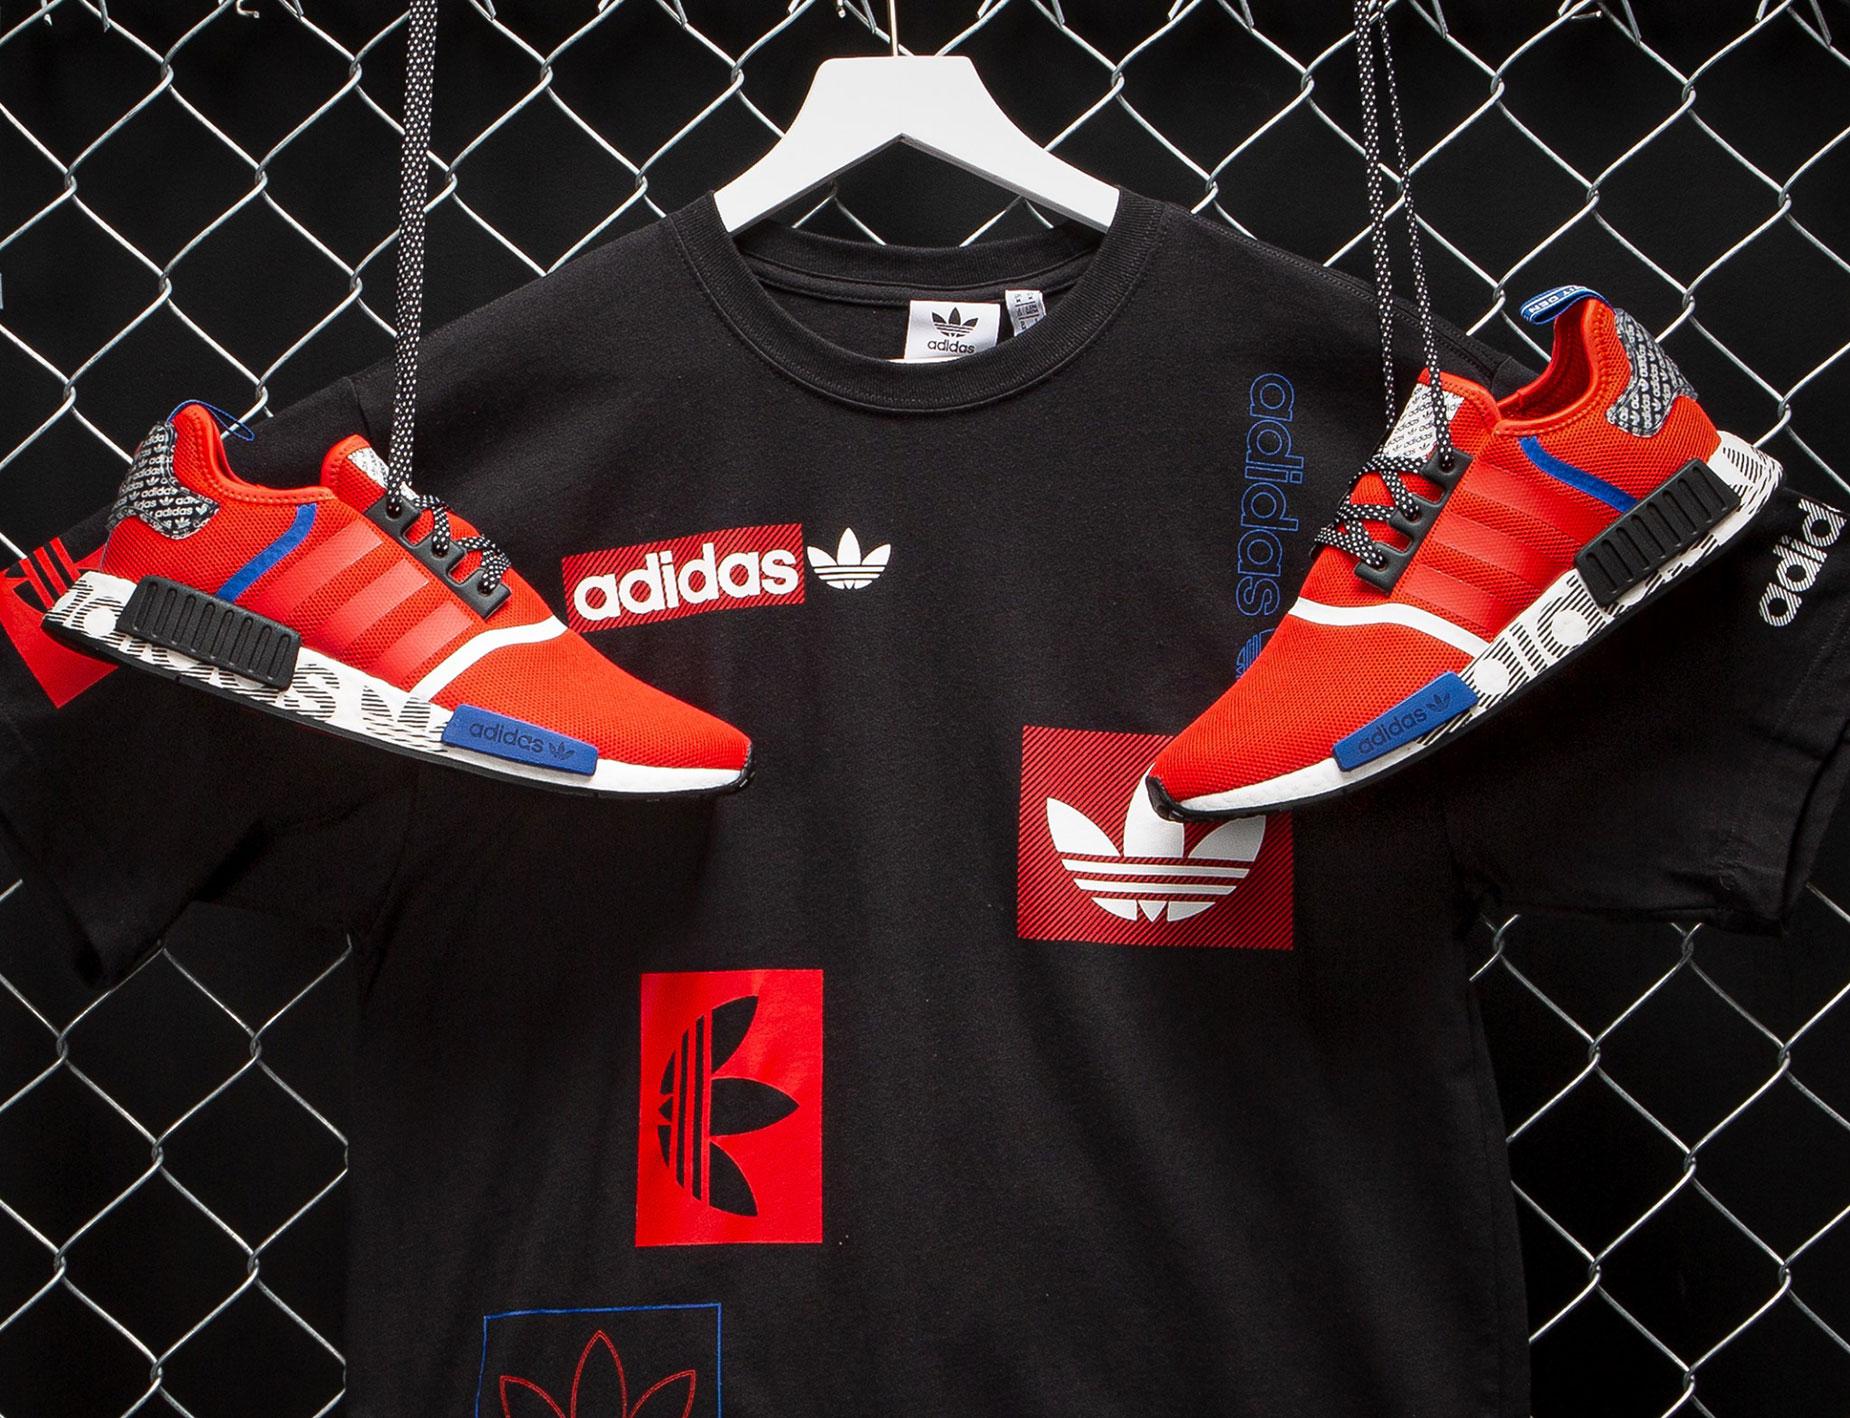 adidas-nmd-r1-transmission-shirt